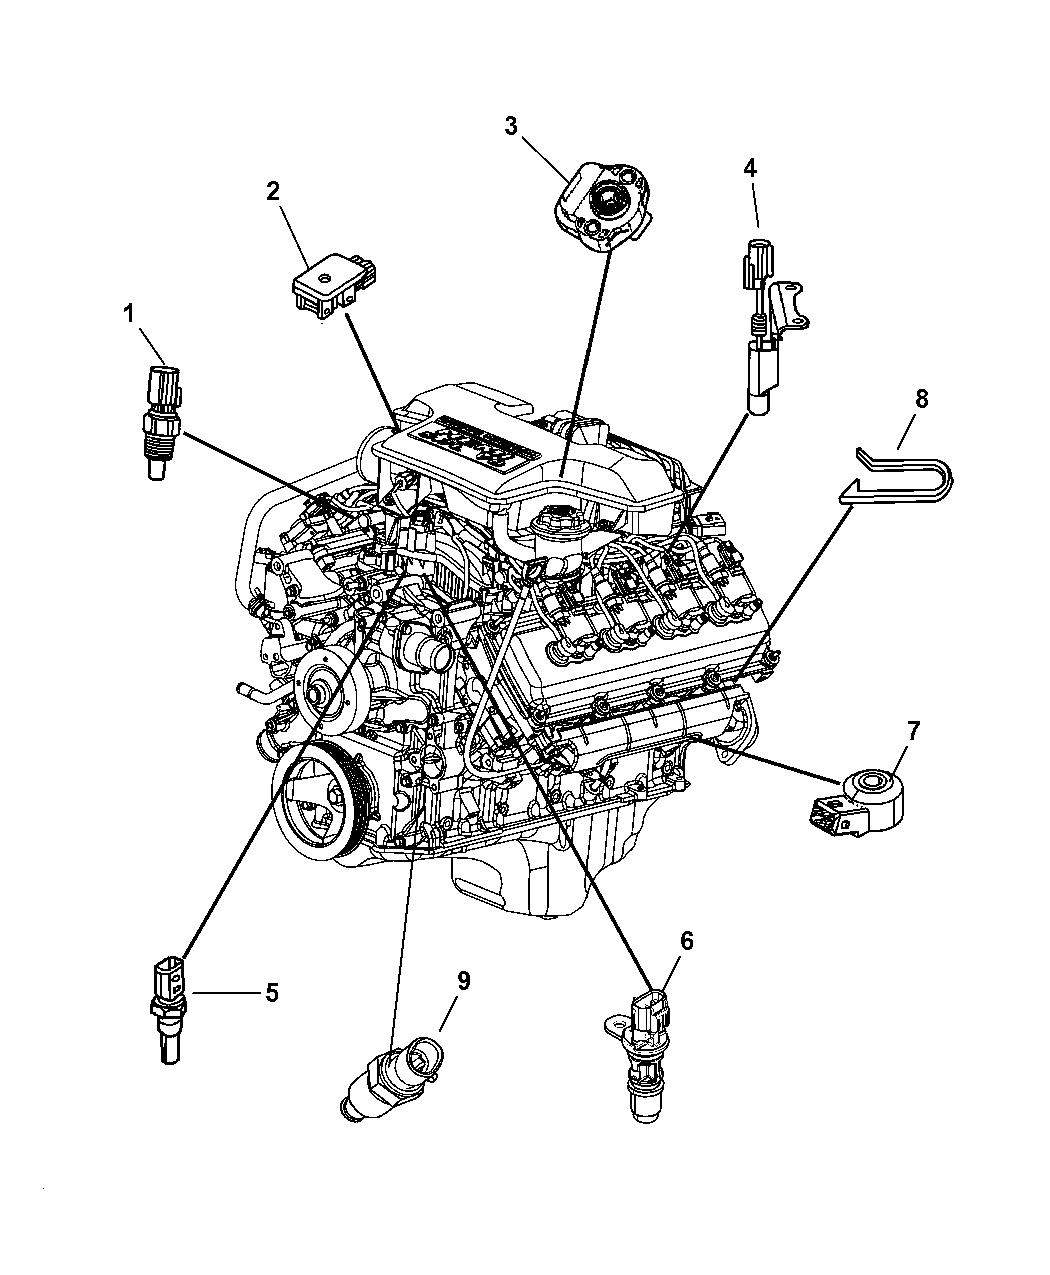 2008 Chrysler Aspen Sensors - Engine - Thumbnail 1